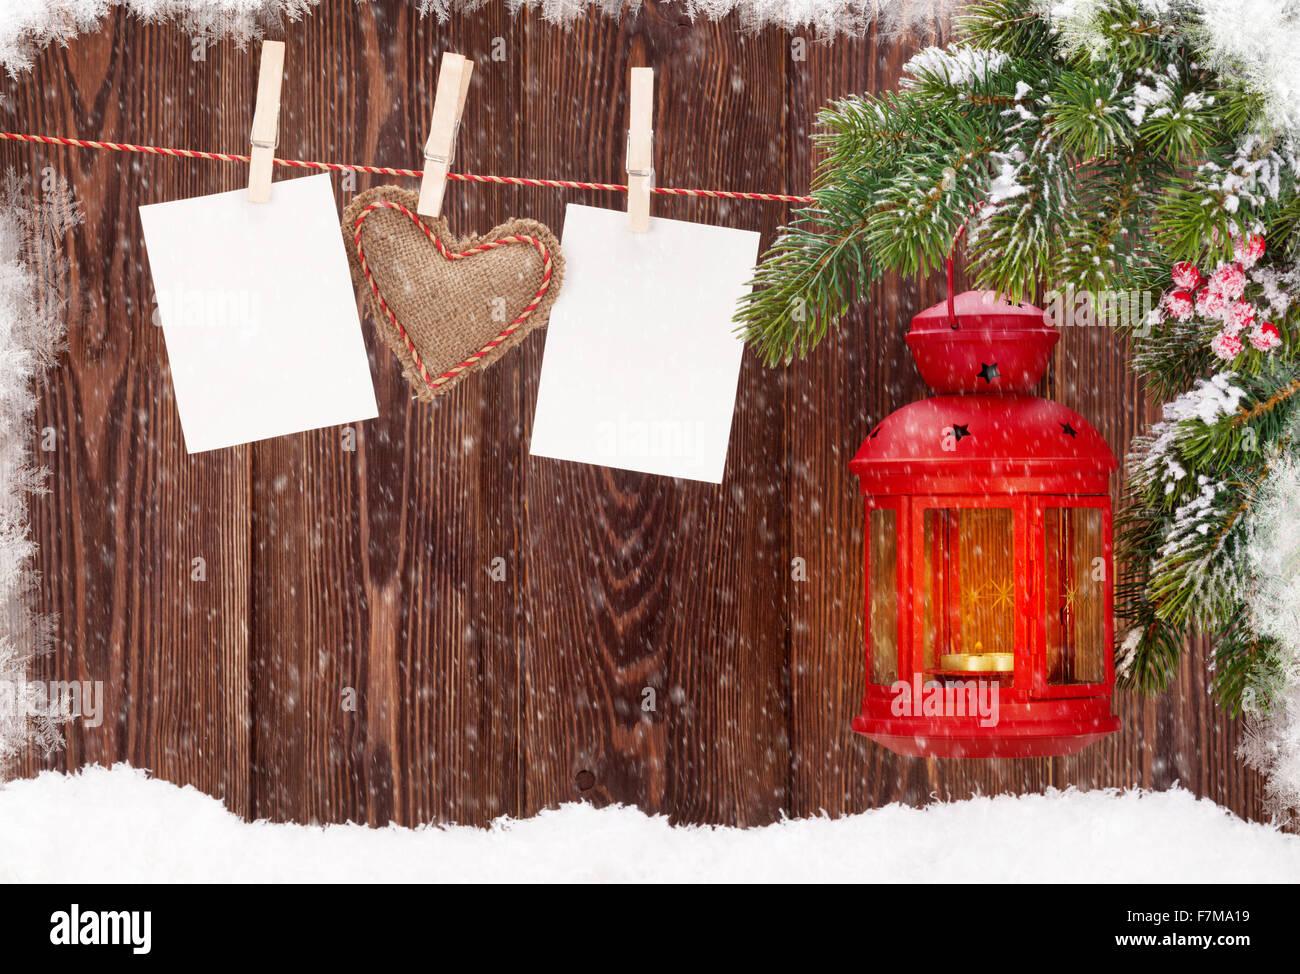 Weihnachten Kerze Laterne, Tanne Zweig und leere Bilderrahmen ...